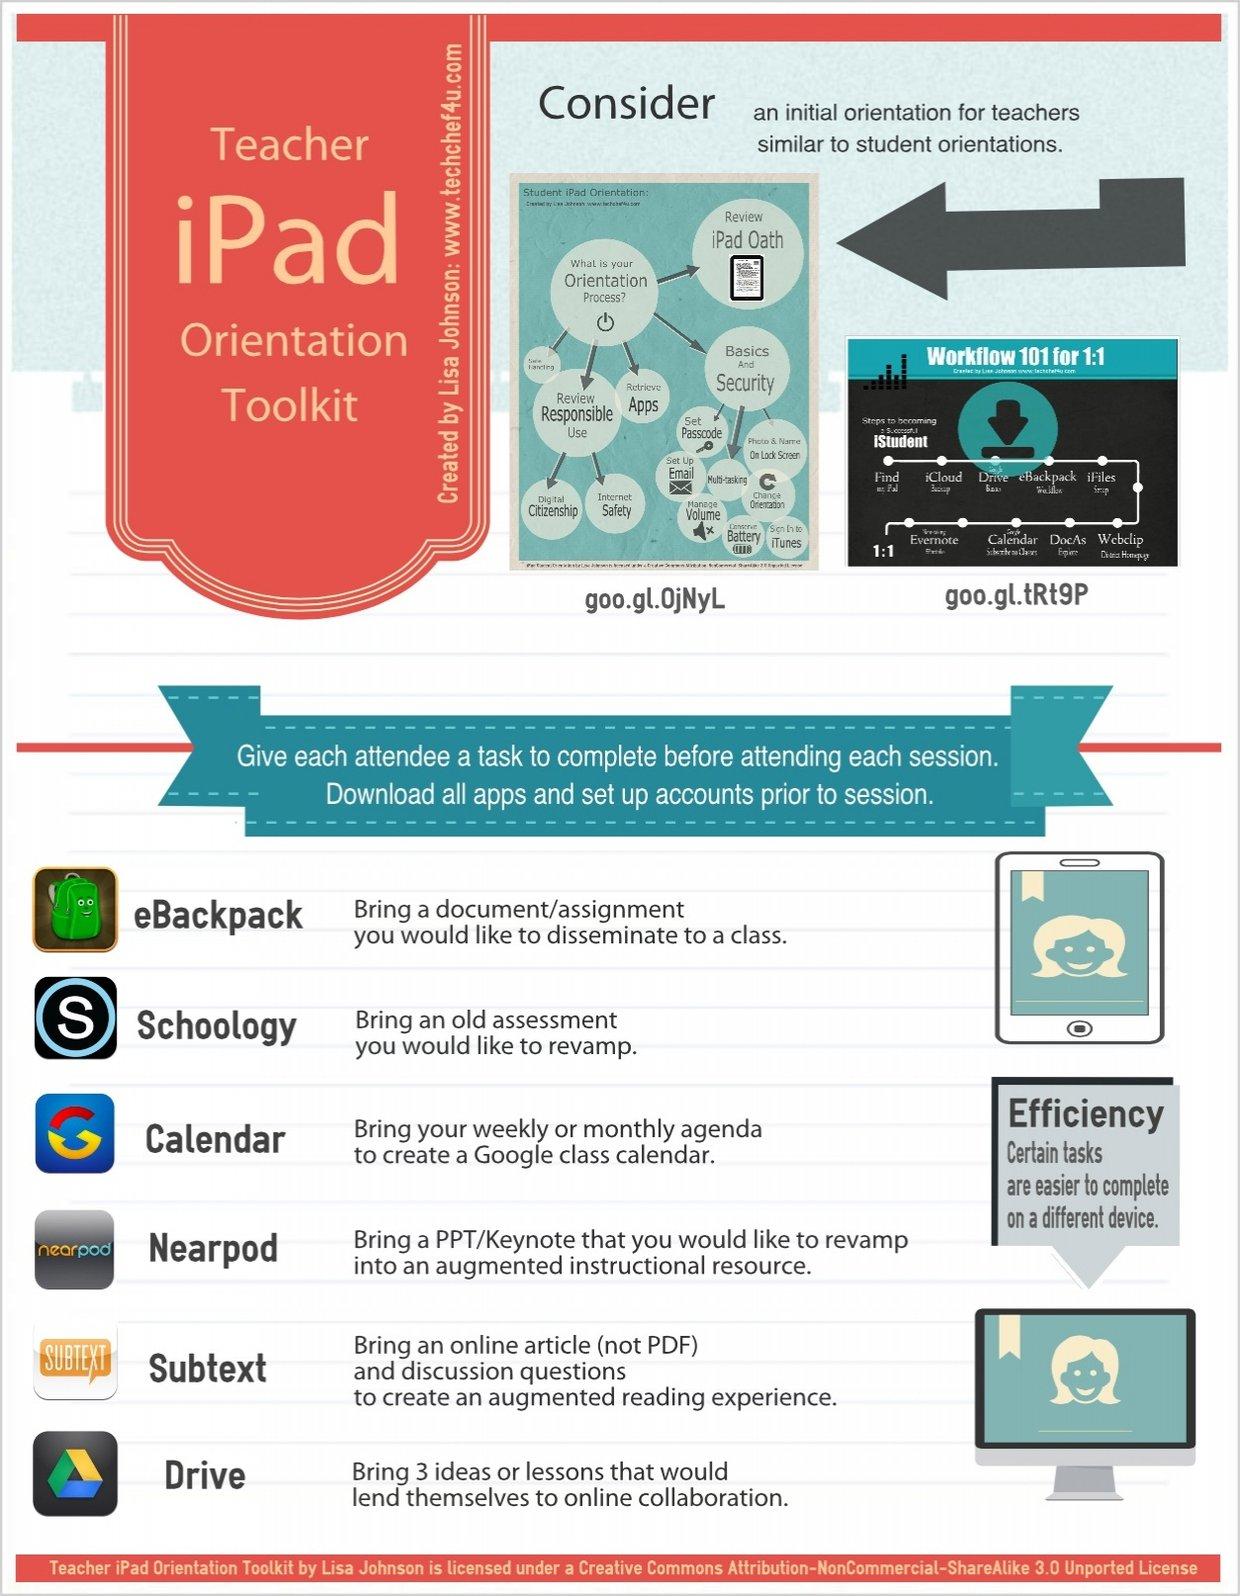 Teacher iPad Orientation Toolkit